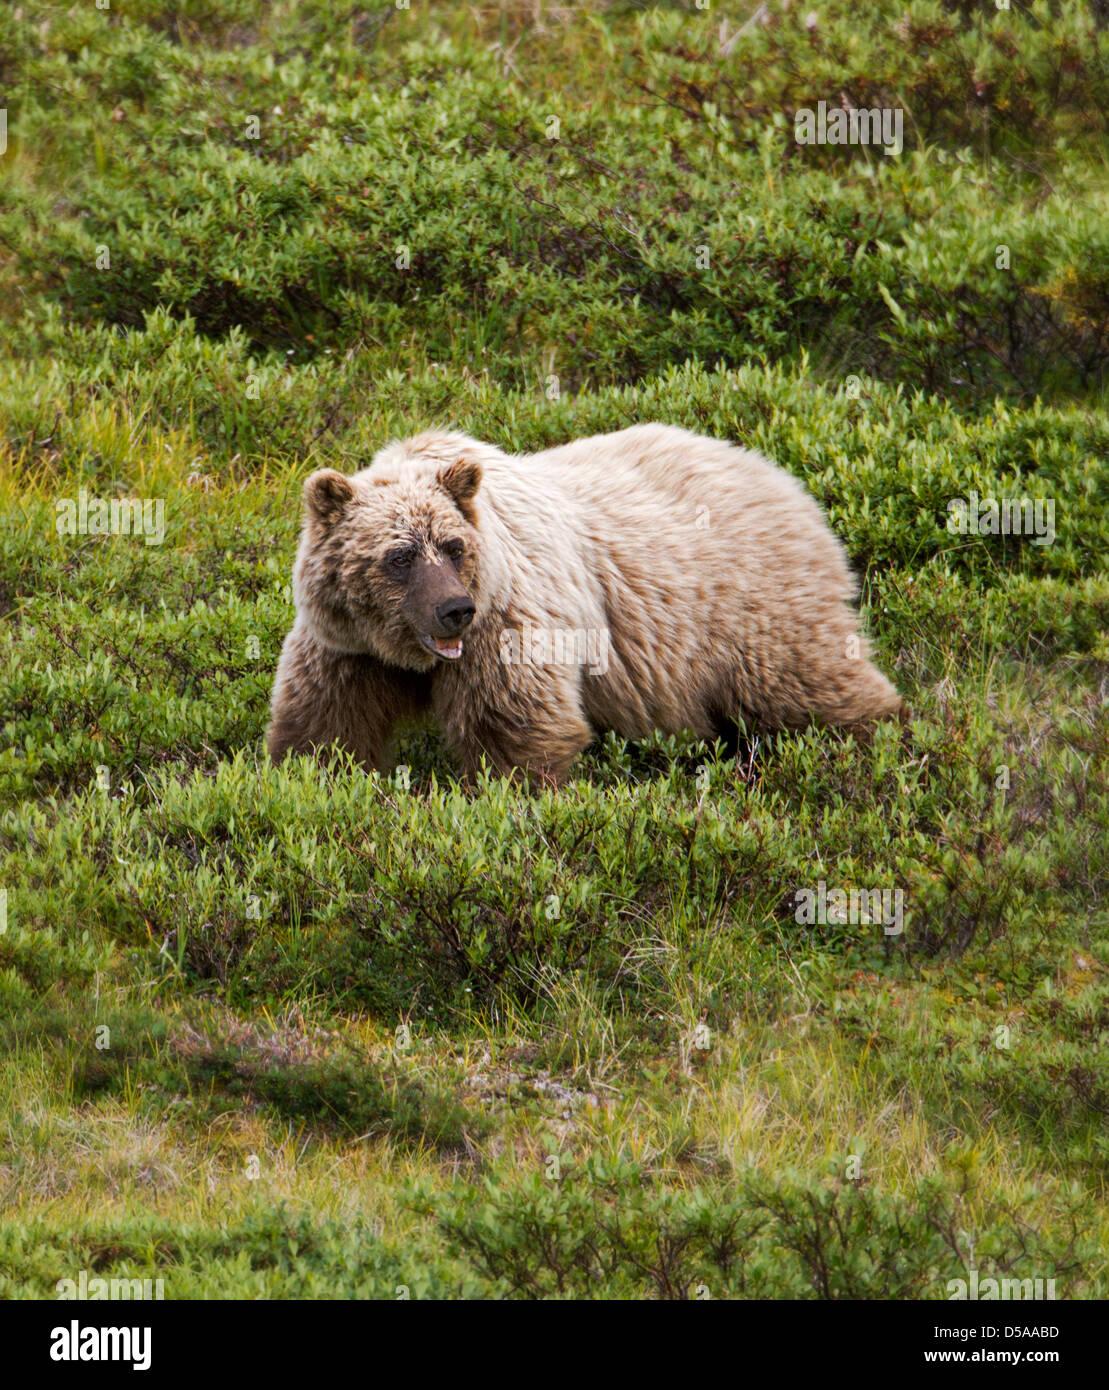 Grizzly bear (Ursus arctos horribilis), Thorofare Pass, Denali National Park, Alaska, USA - Stock Image